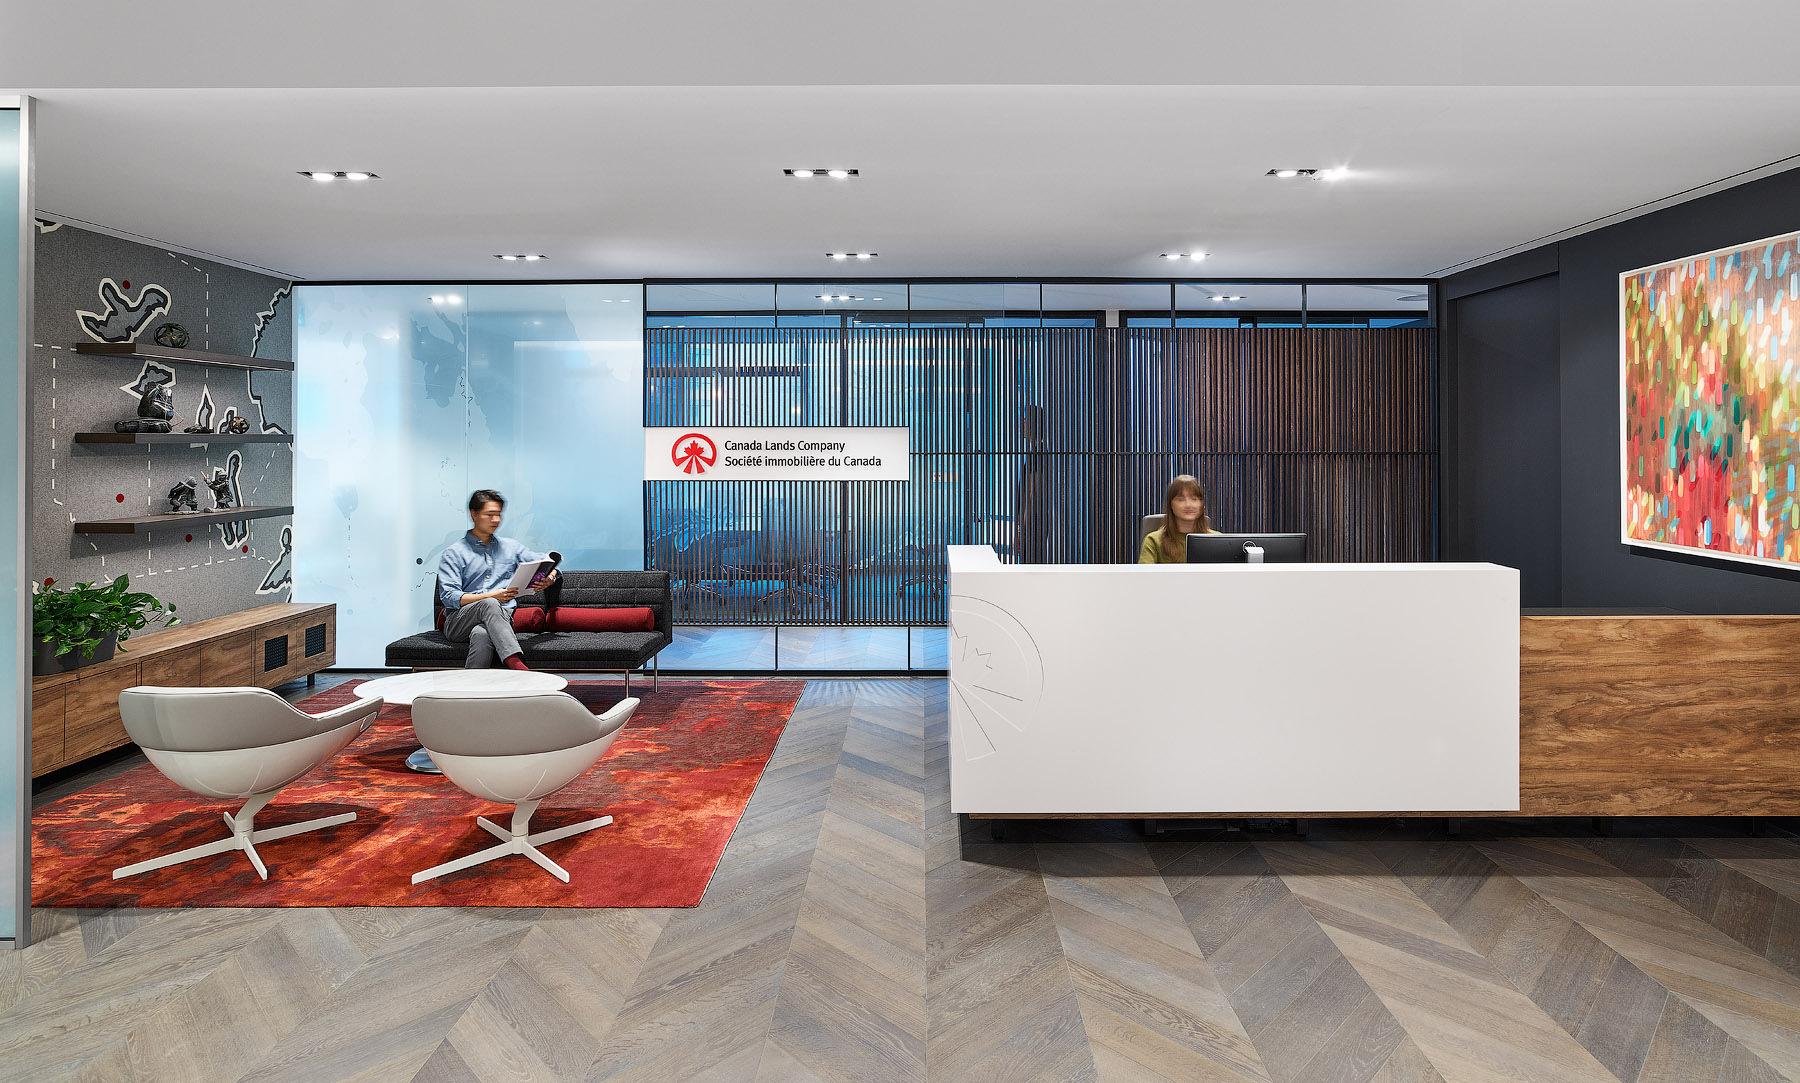 现代简约风格办公室如何设计?